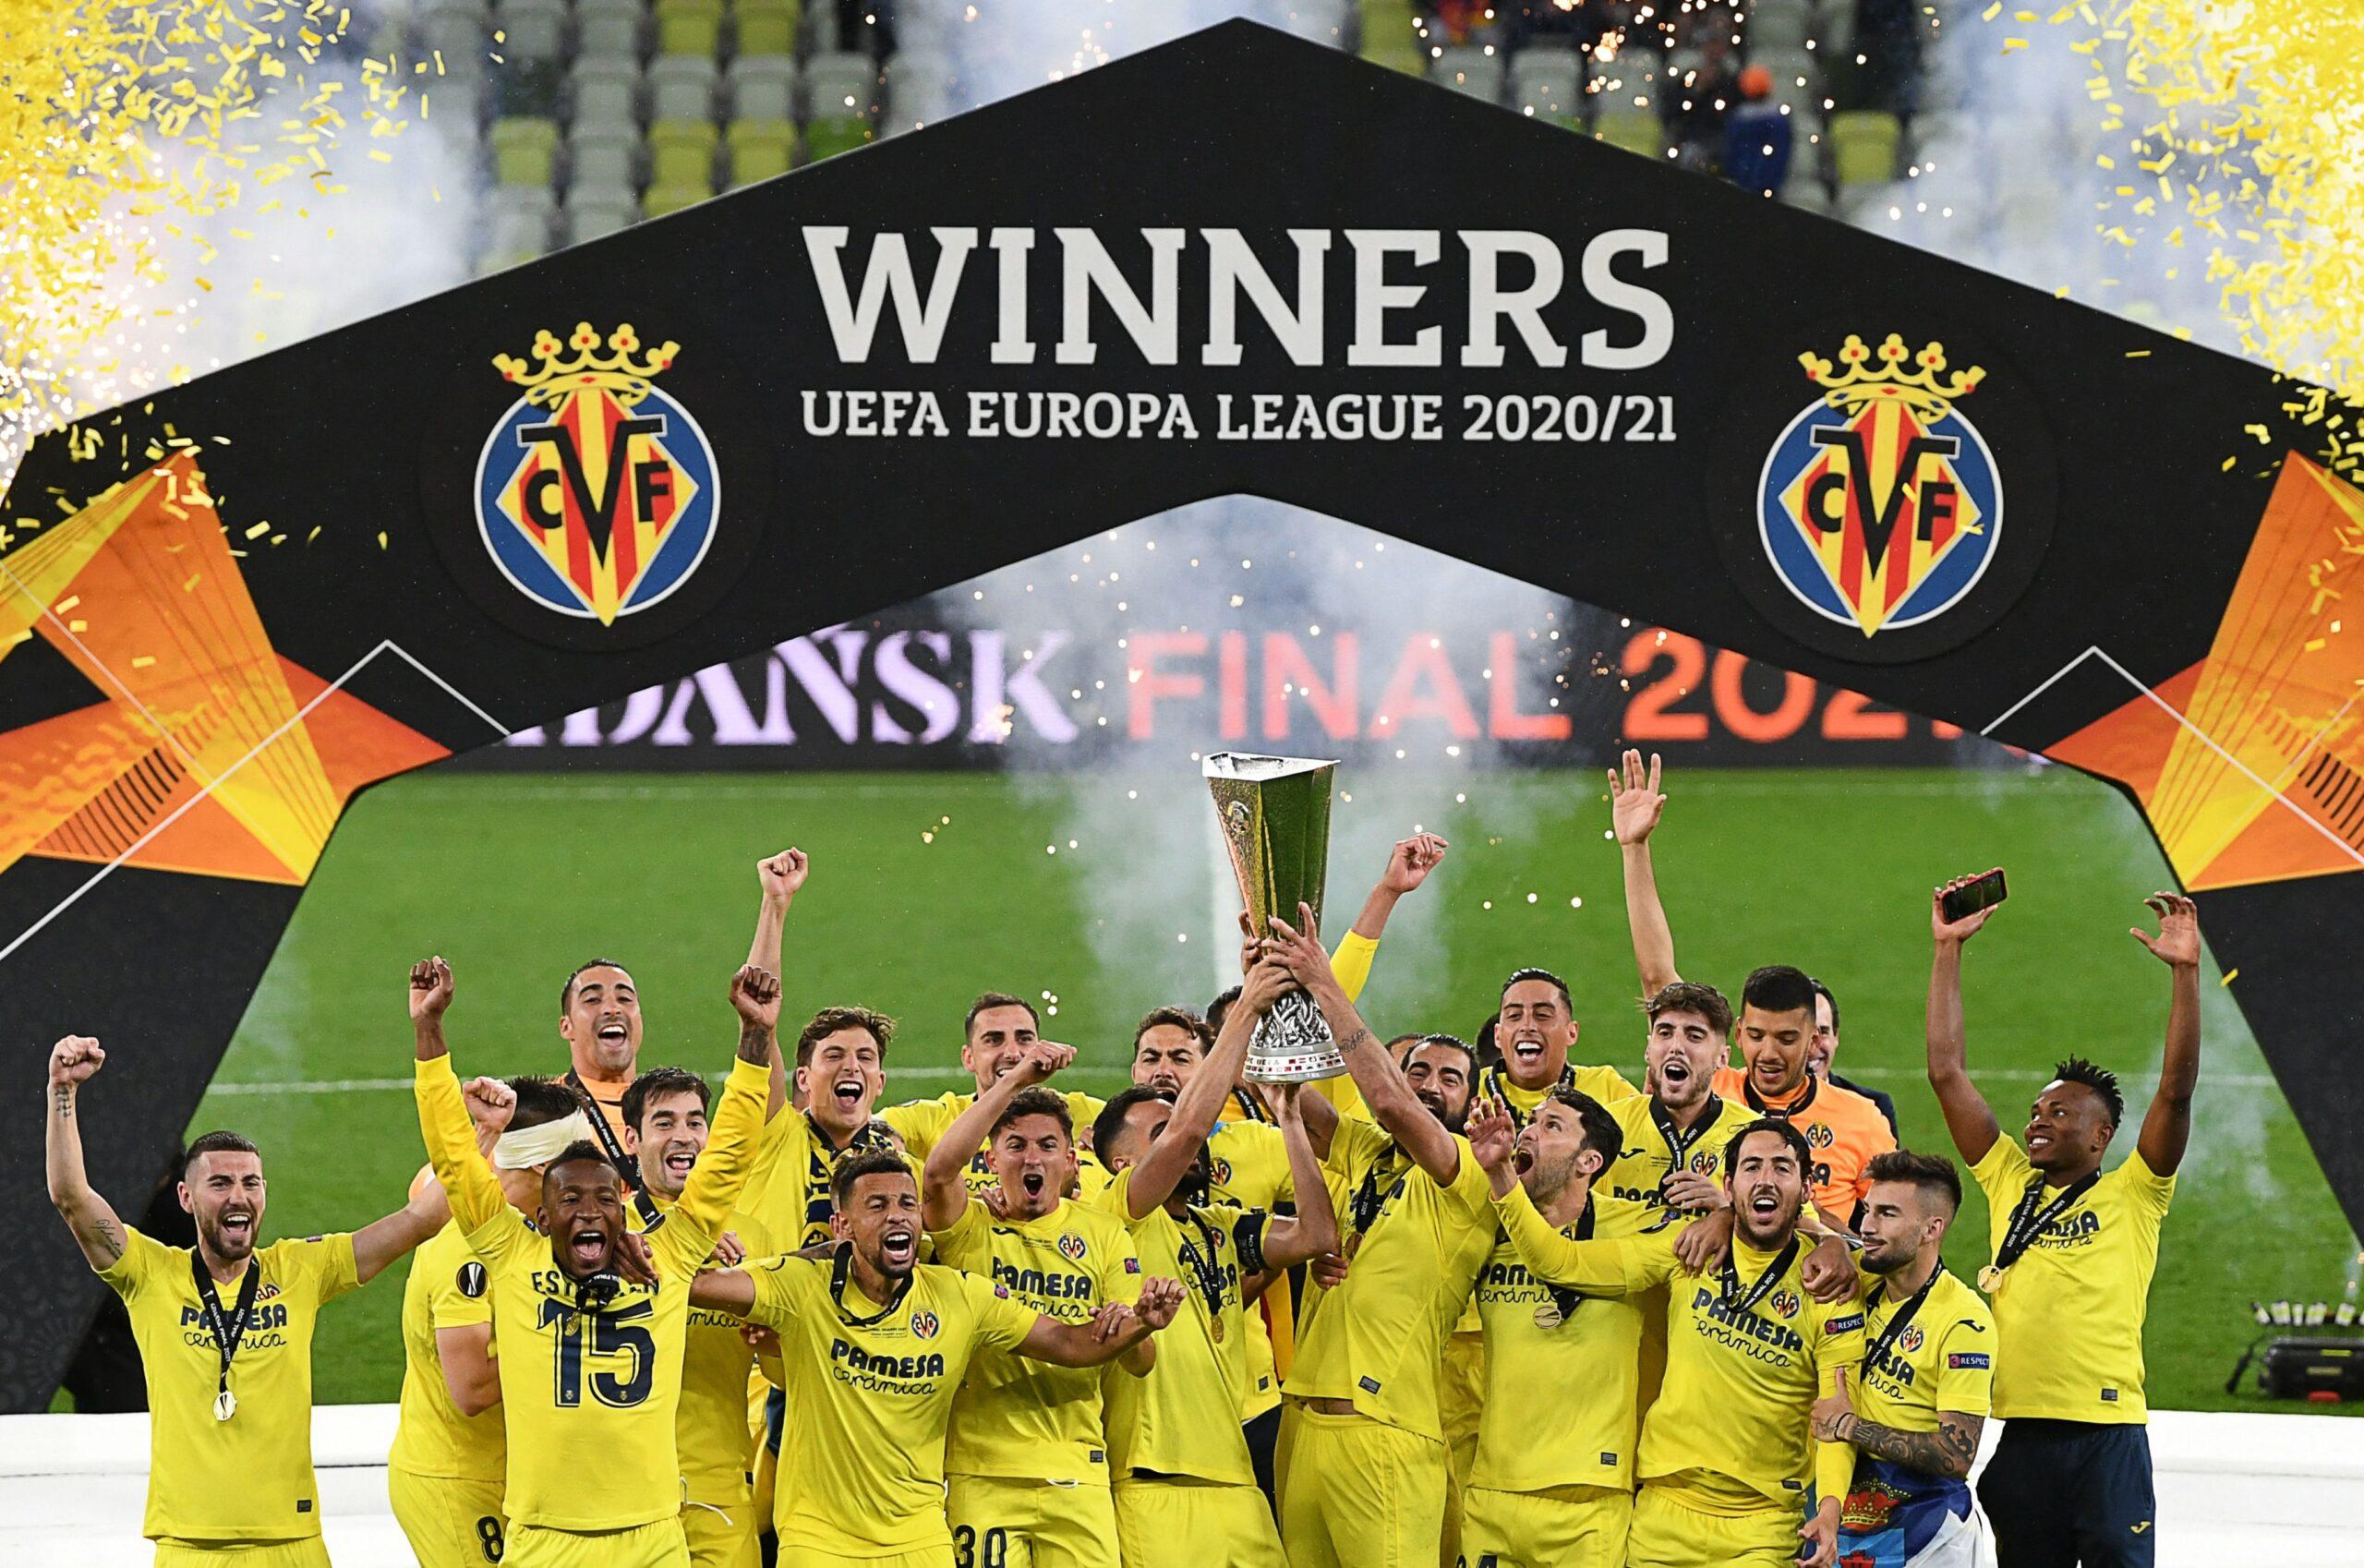 Villarreal conquista pela primeira vez a Liga Europa